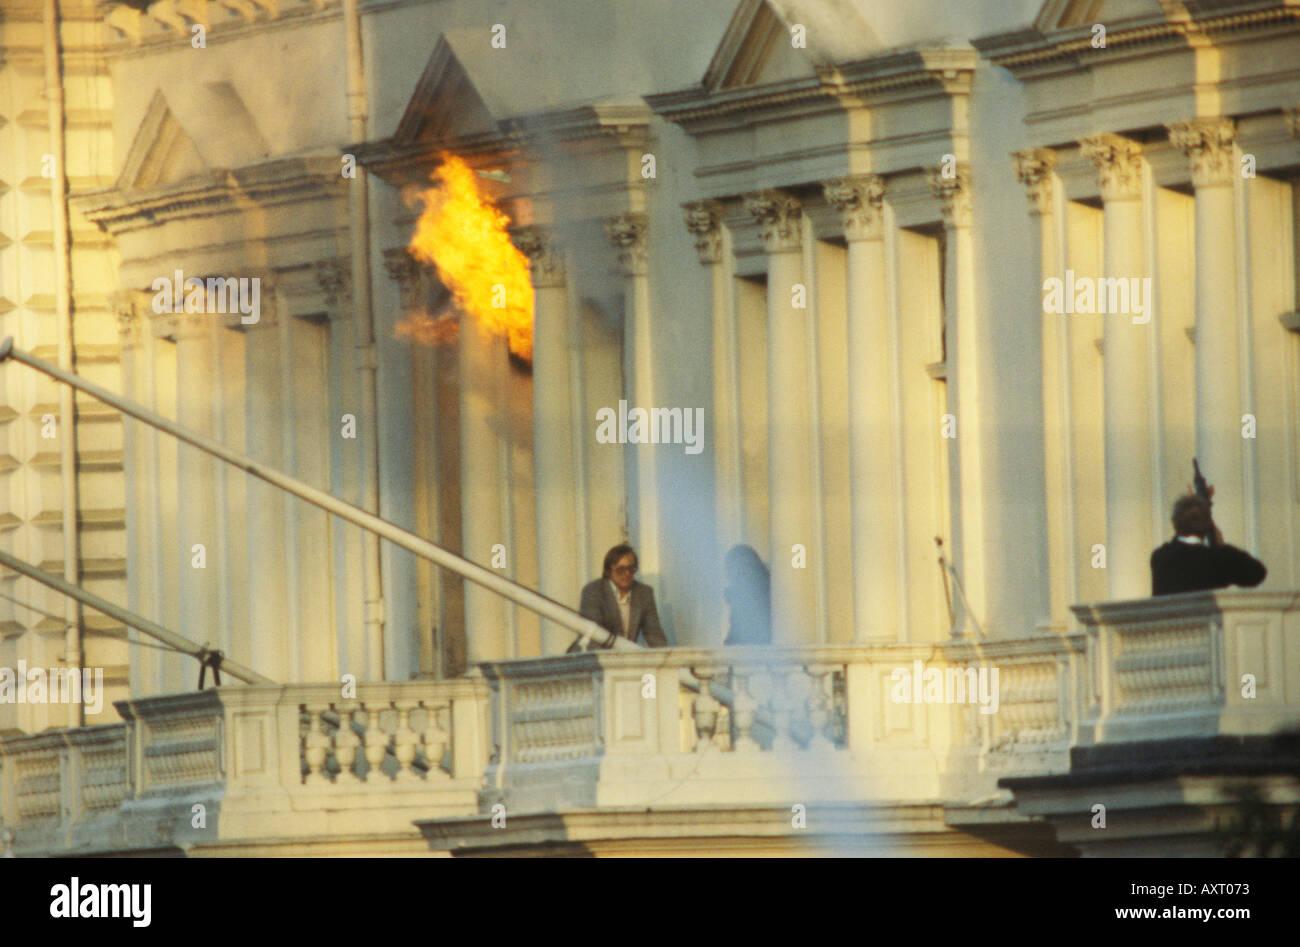 Belagerung der iranischen Botschaft 5. Mai 1980 London Großbritannien 1980er Jahre Simon 'Sim' Harris, der aus dem Stockfoto